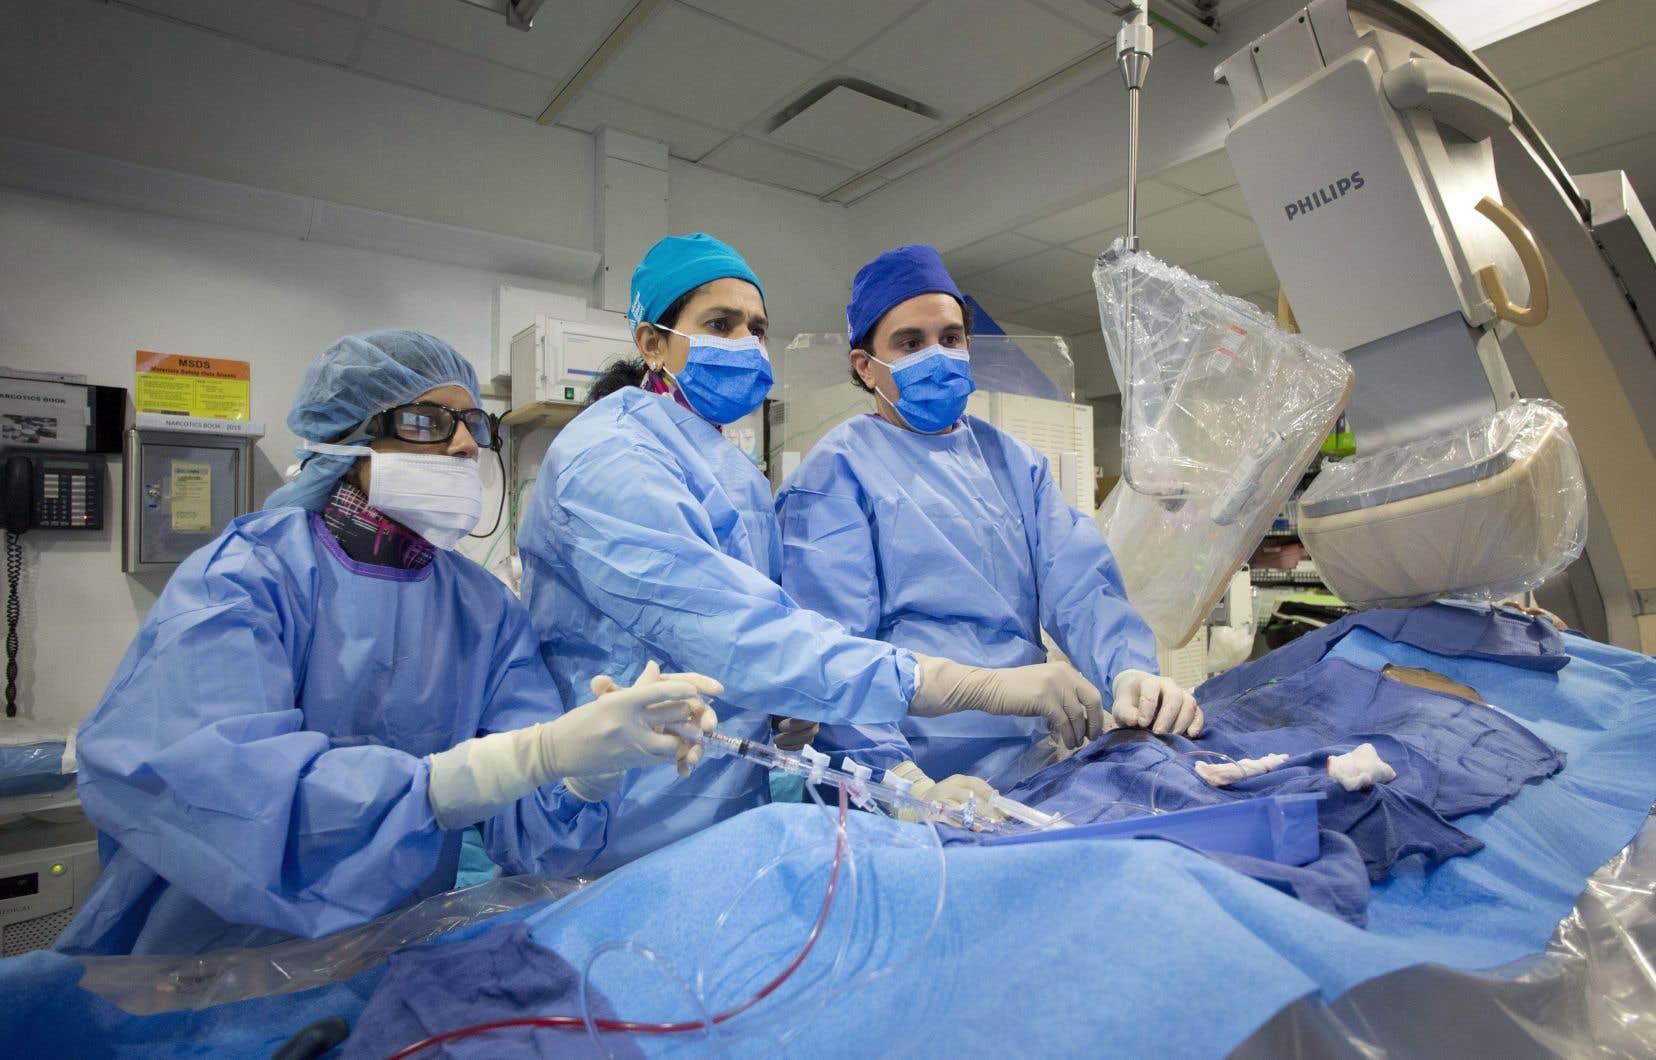 Lorsqu'une femme était prise en charge par un médecin féminin, «il y a avait un effet important et positif sur la survie», selon les conclusions.